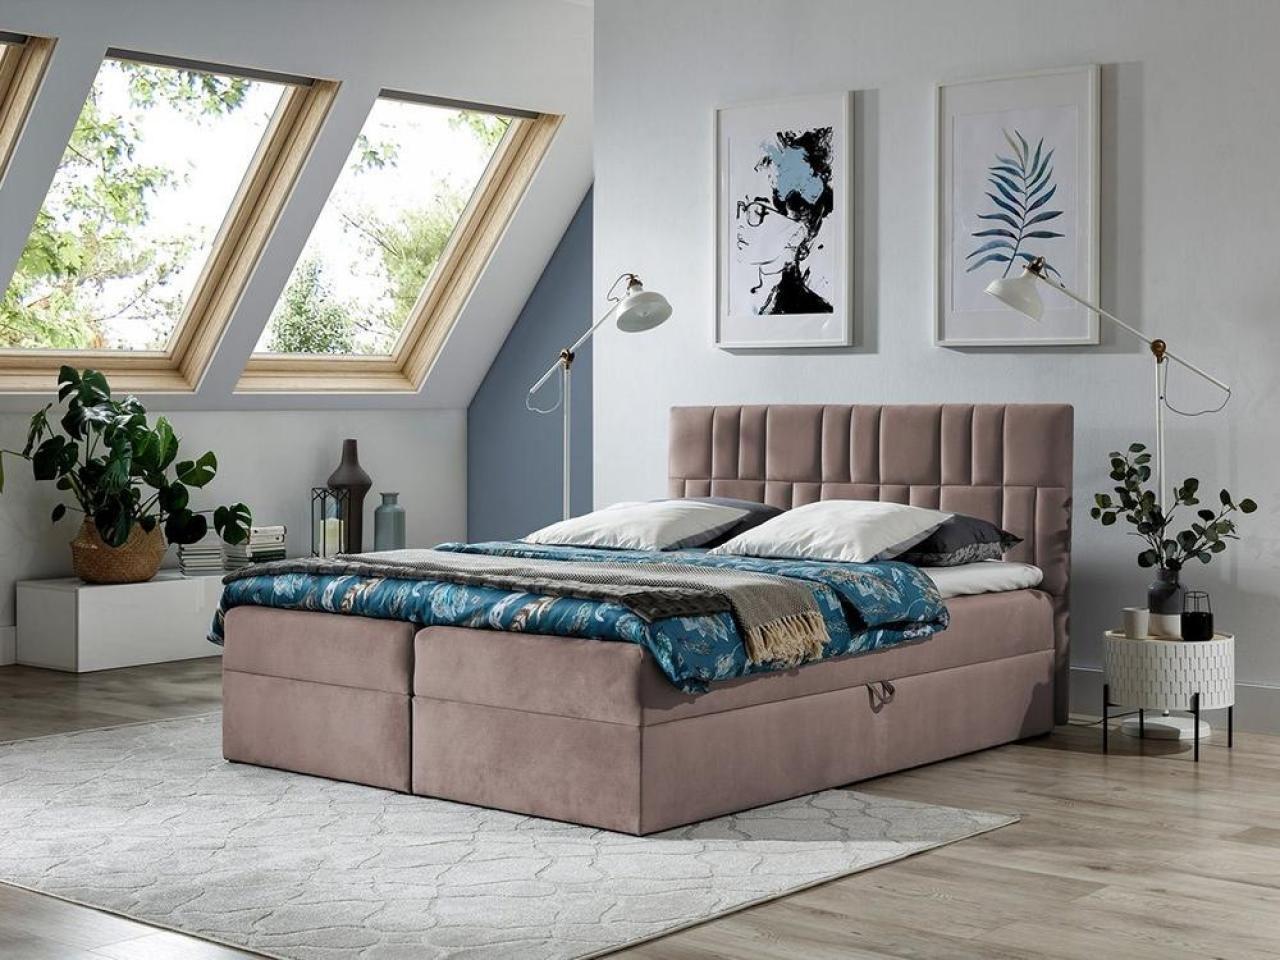 Furnipol-Польская мебель для дома с доставкой - 7